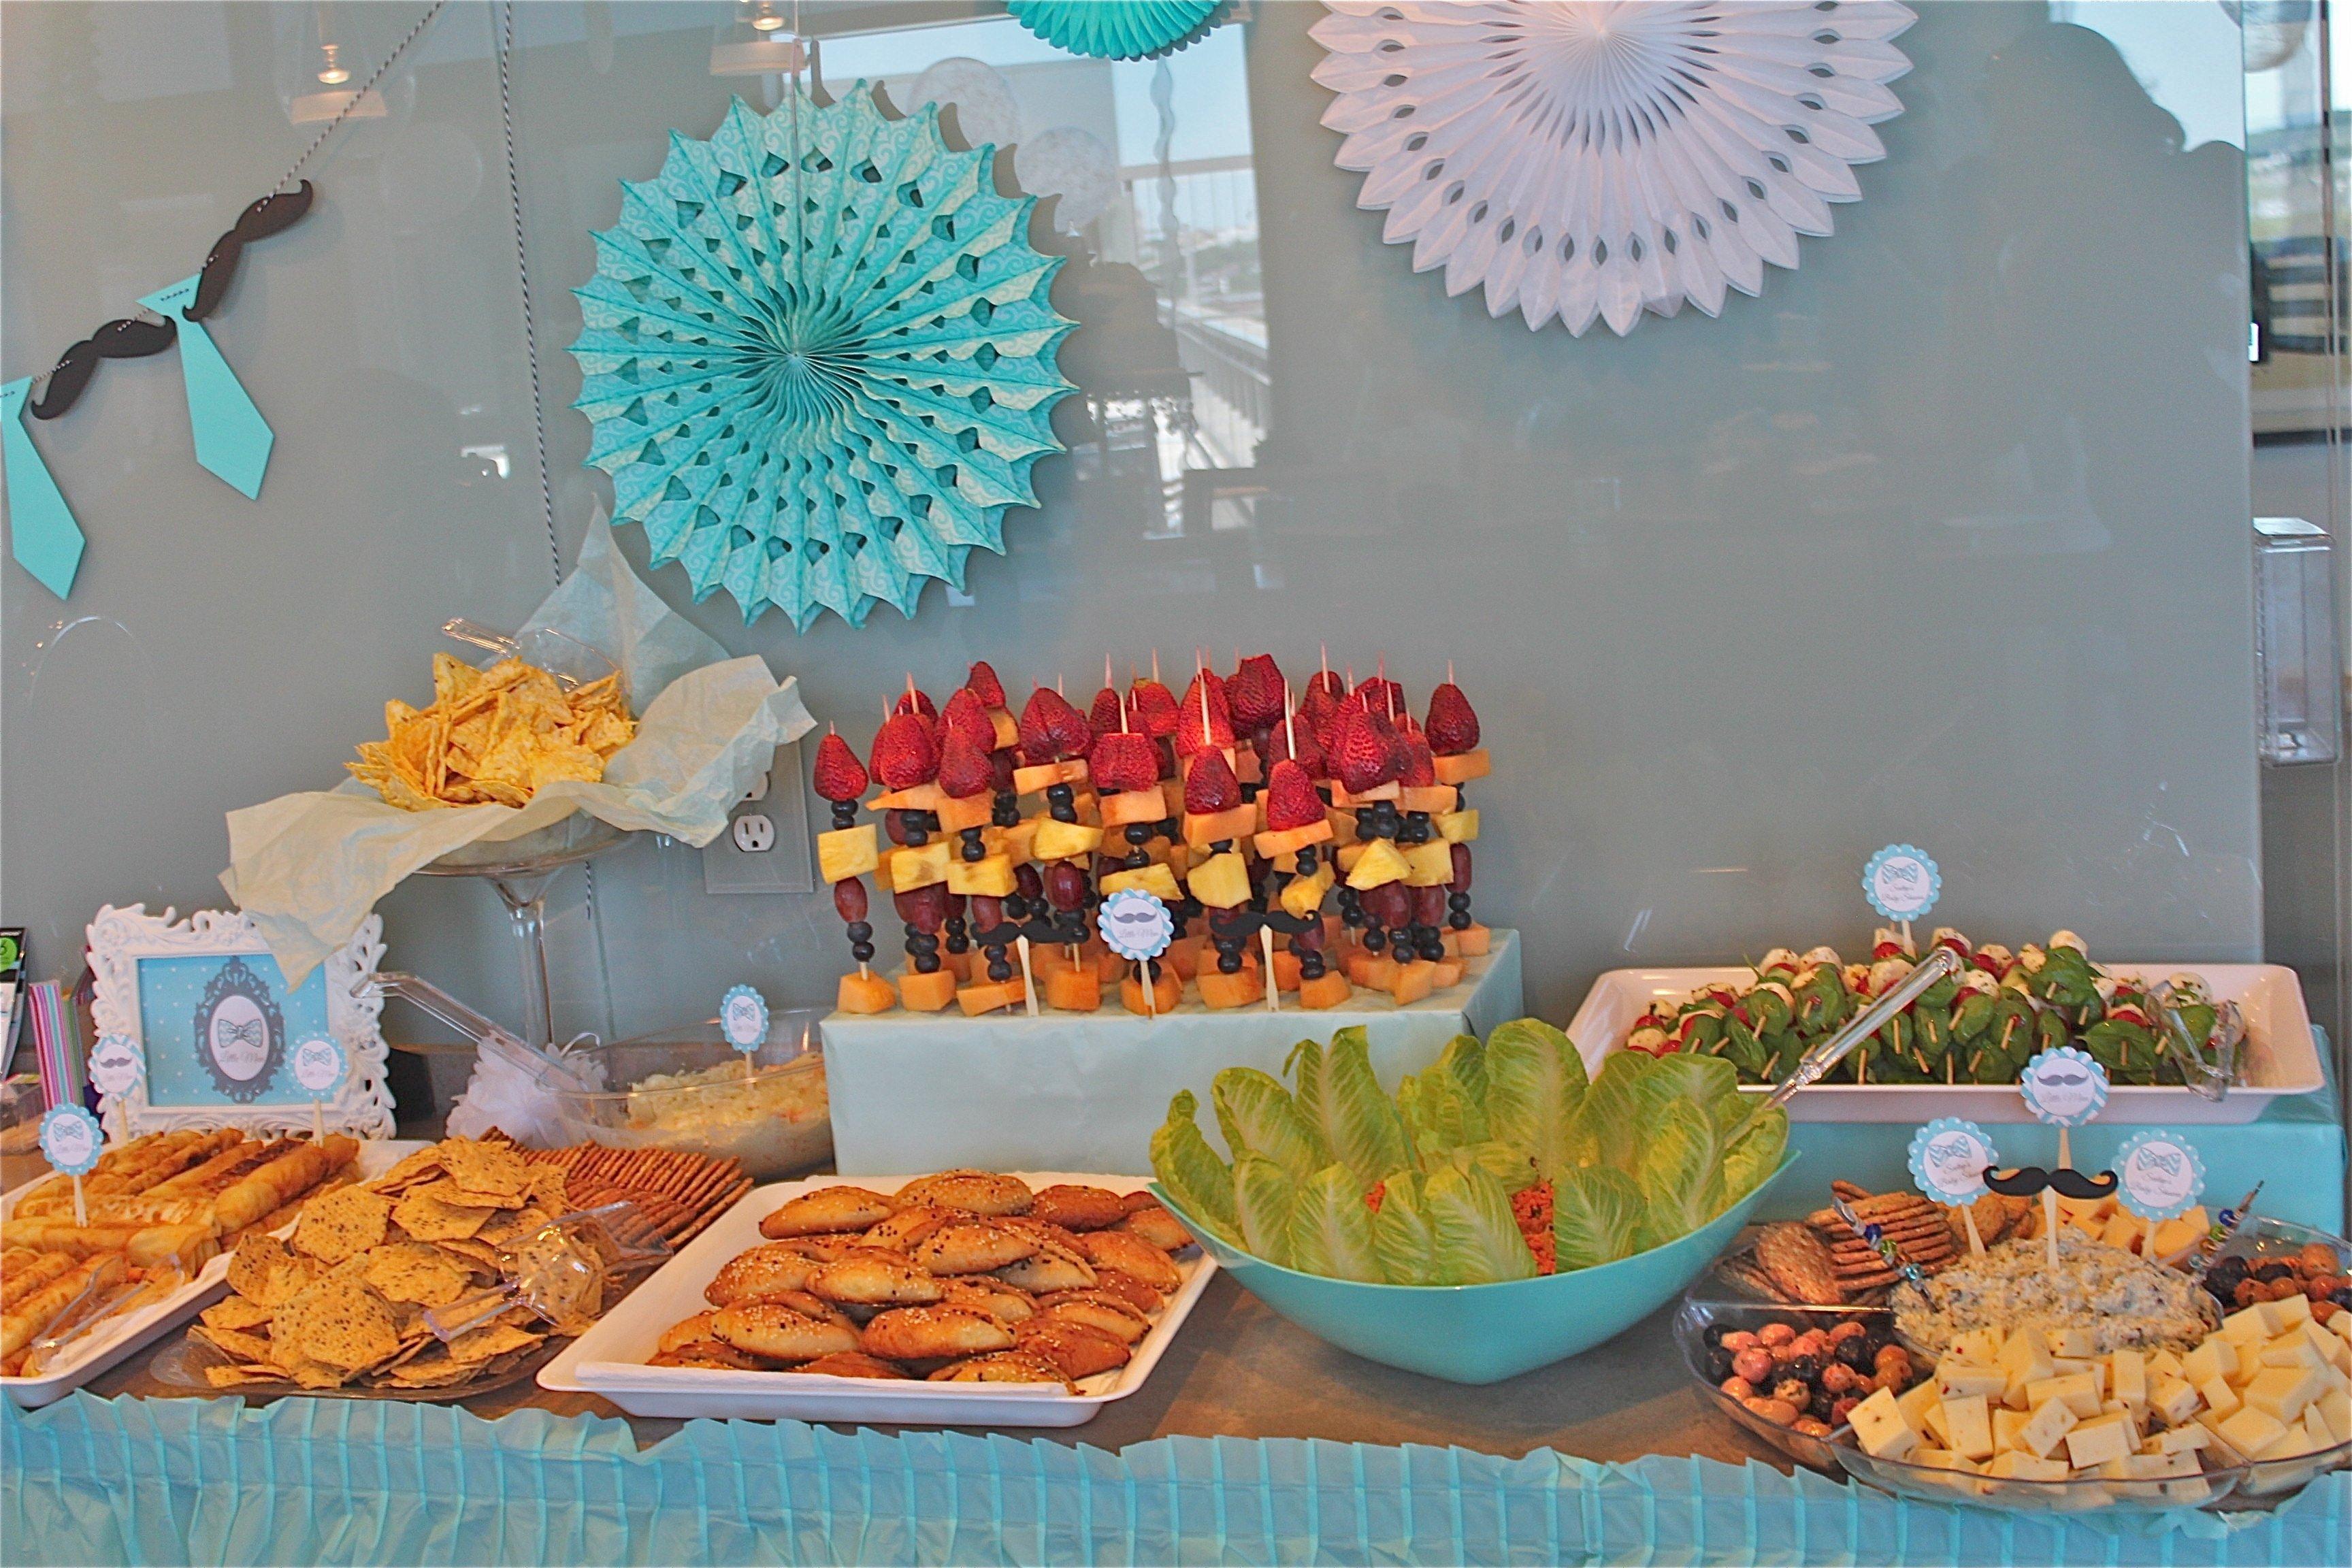 10 Spectacular Boy Baby Shower Food Ideas boy baby shower food ideas omega center ideas for baby 2020